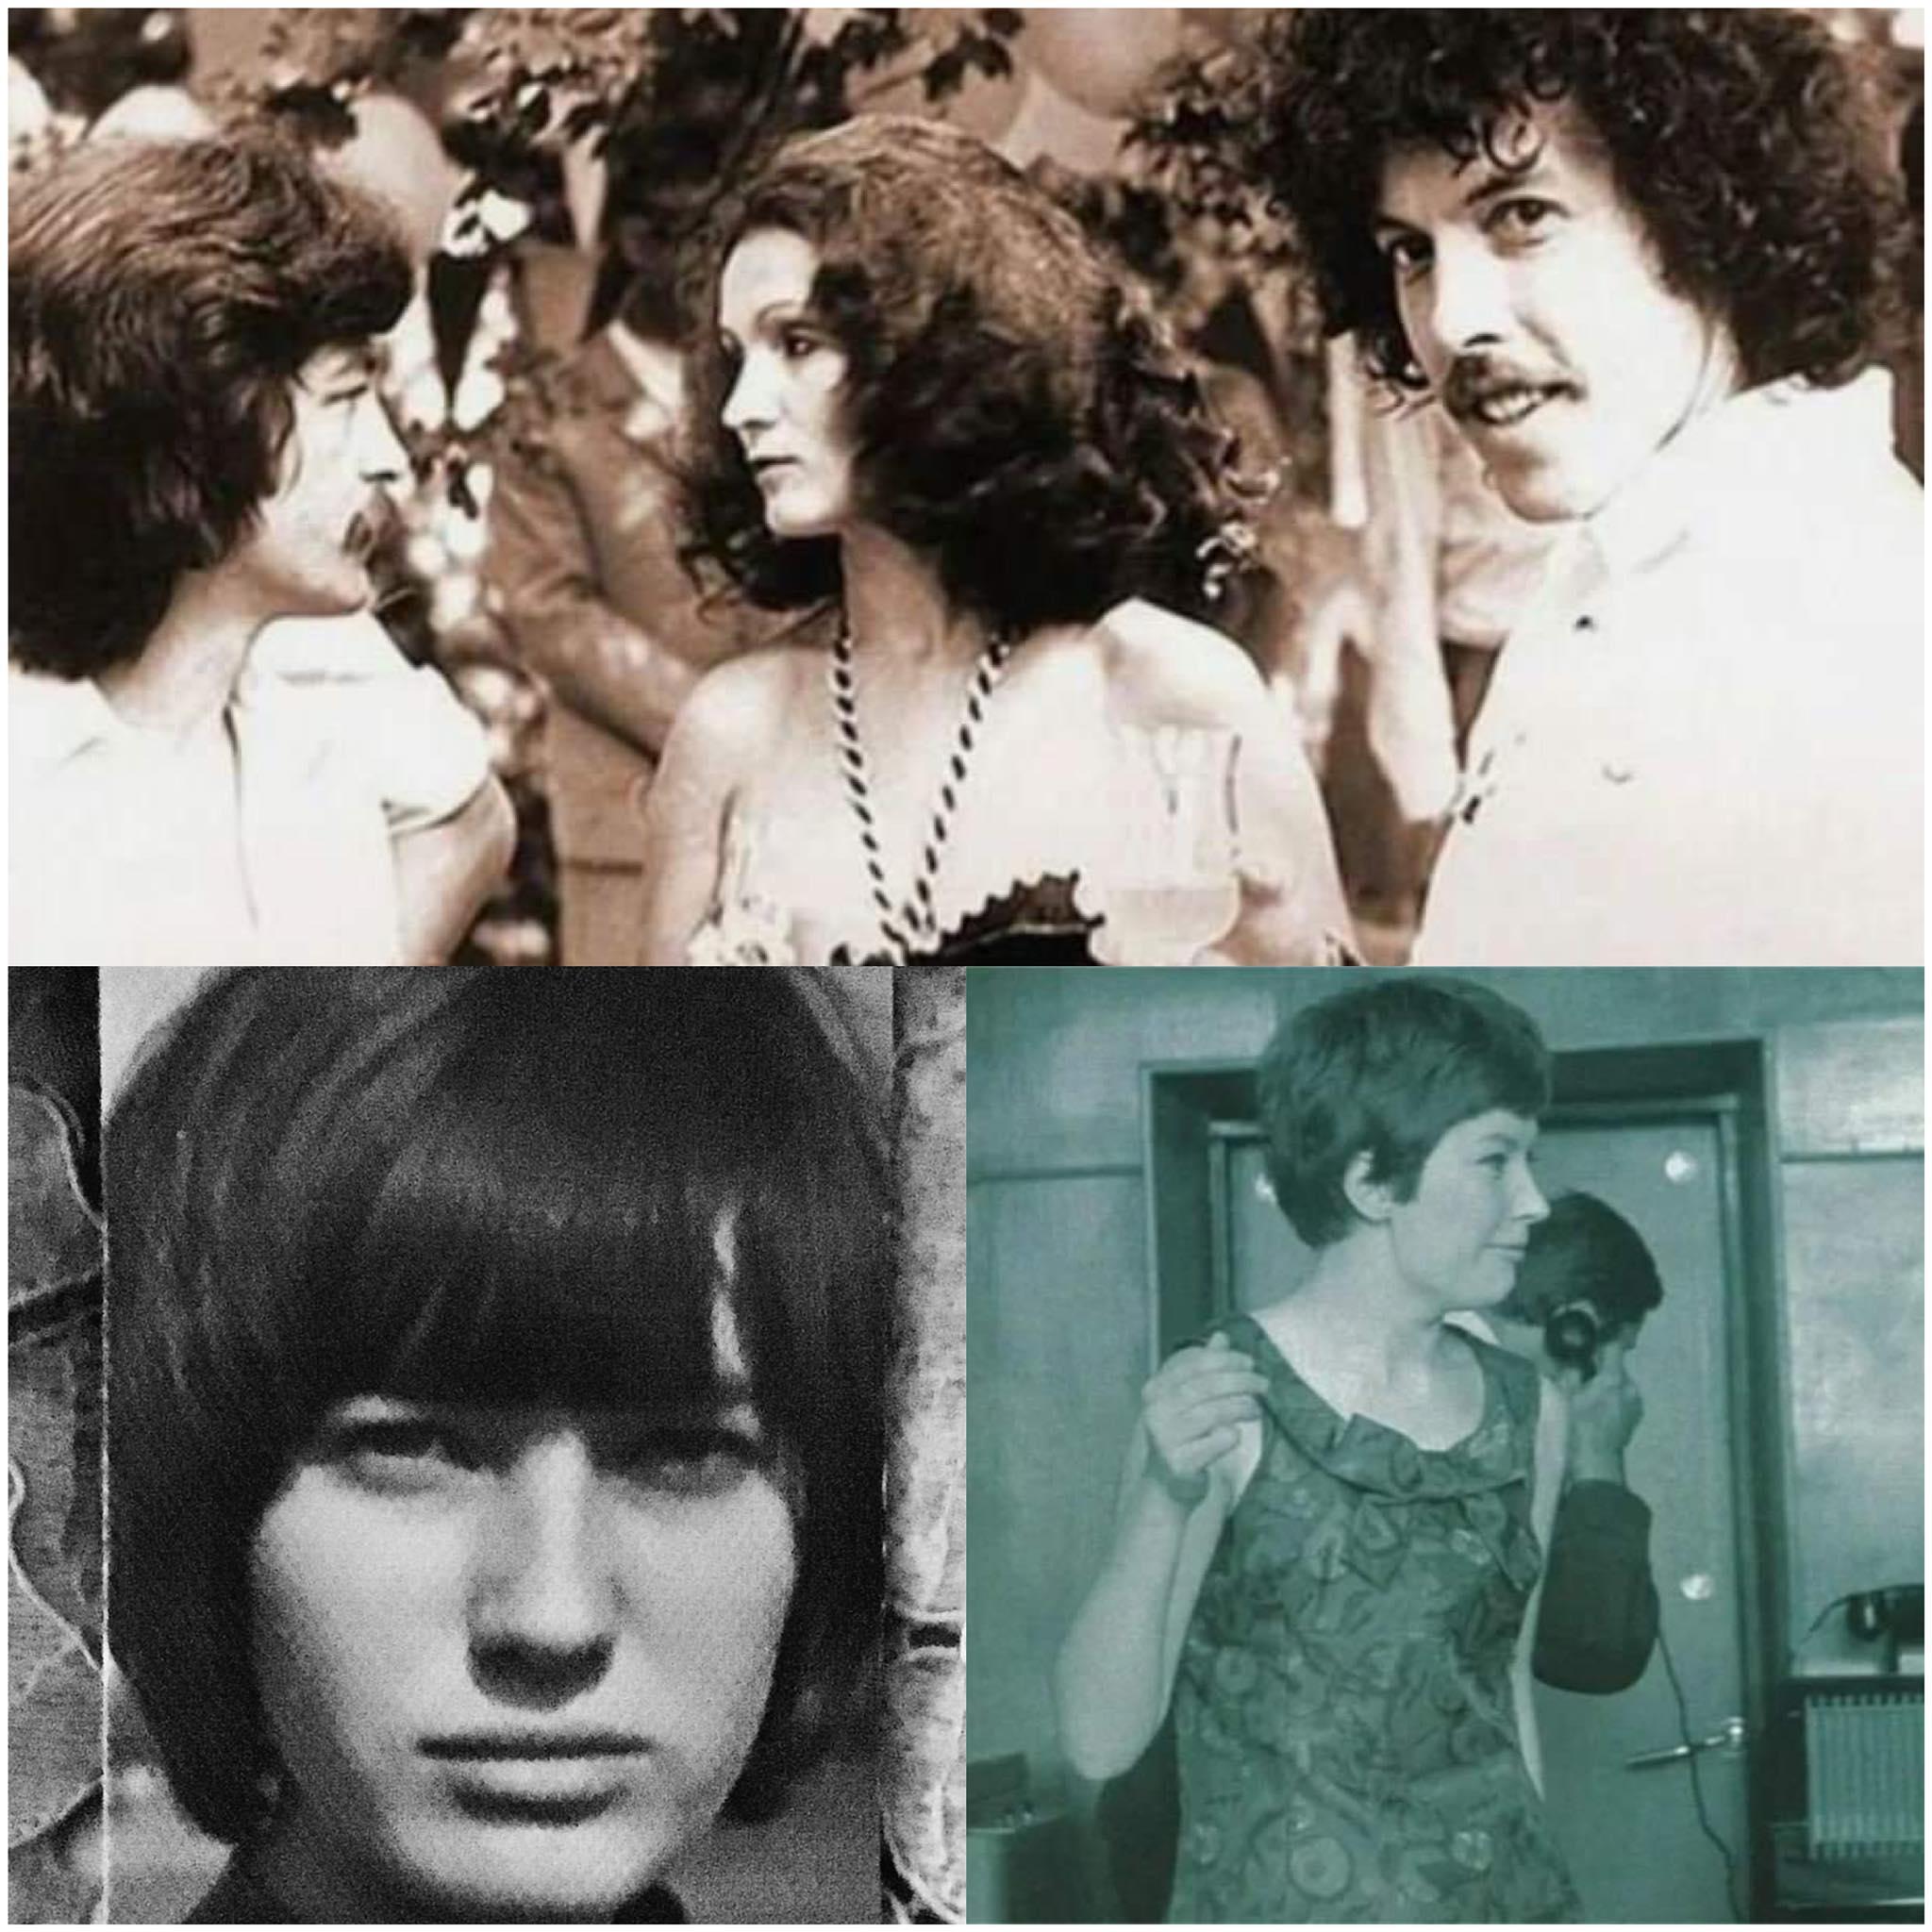 (foto) Transformare INCREDIBILĂ! Cum arătau vedetele înainte să fie celebre